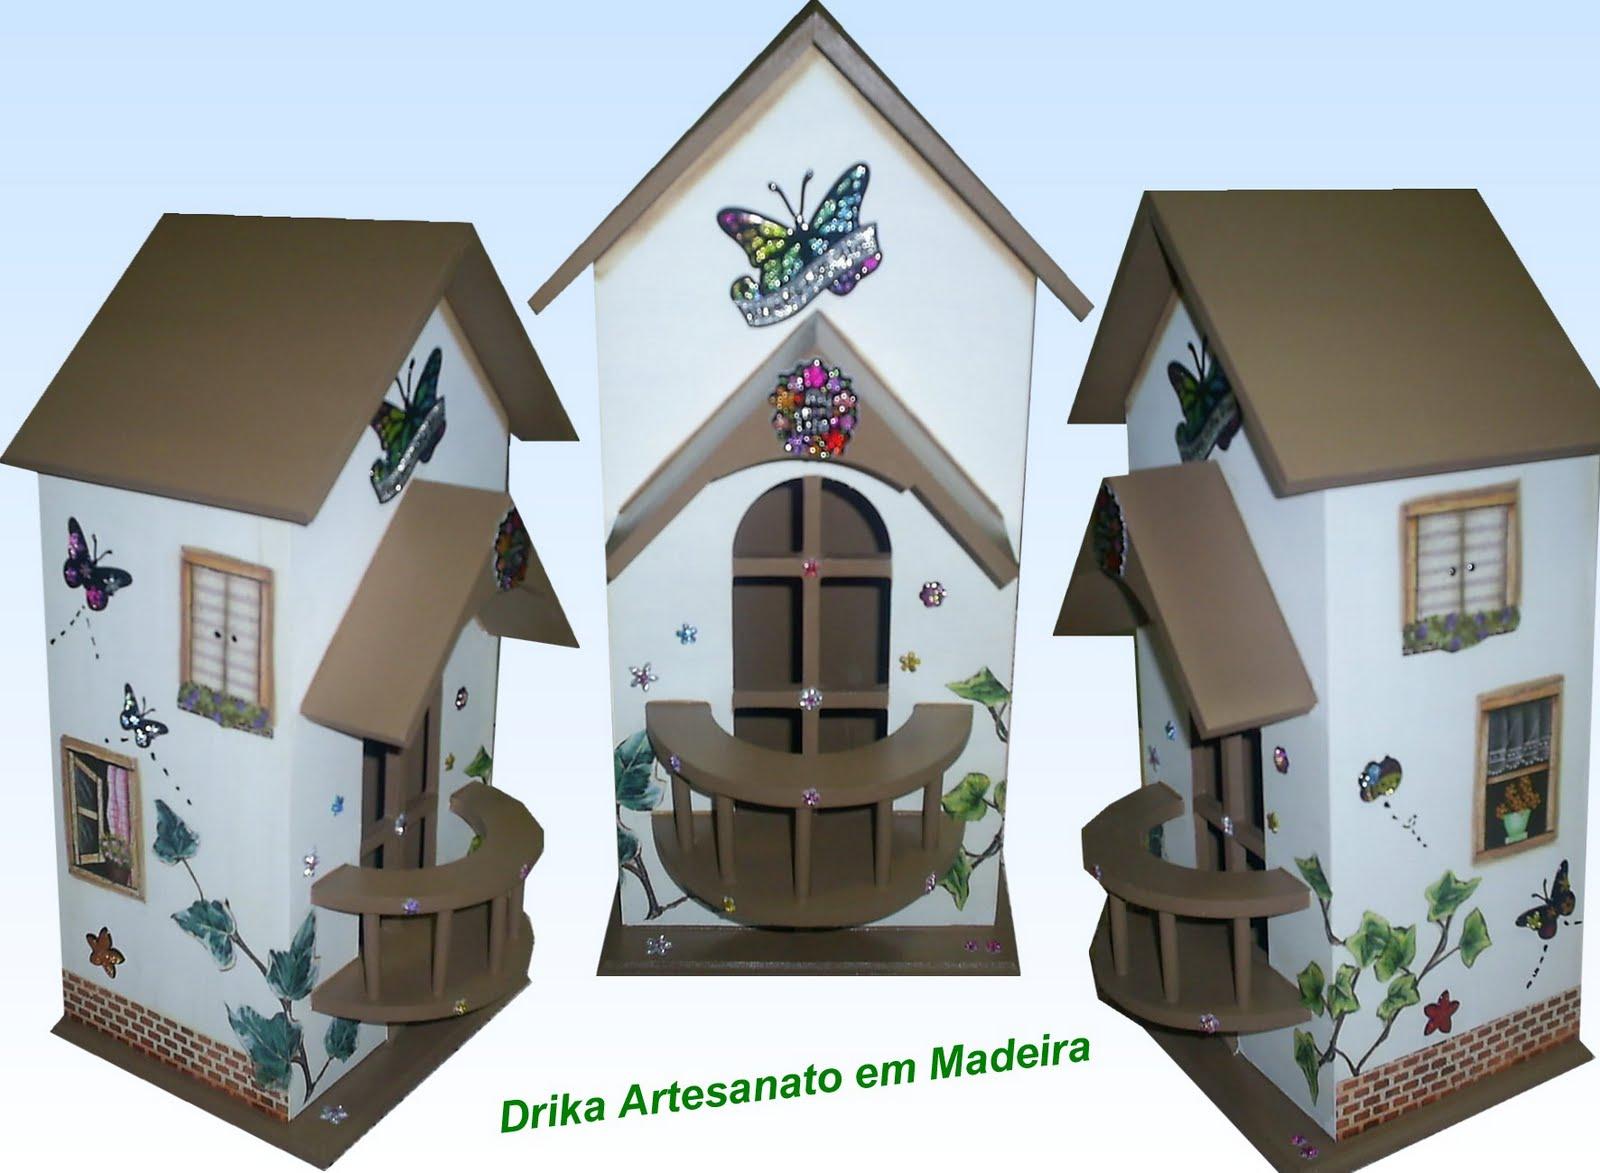 Drika Artesanato em Madeira